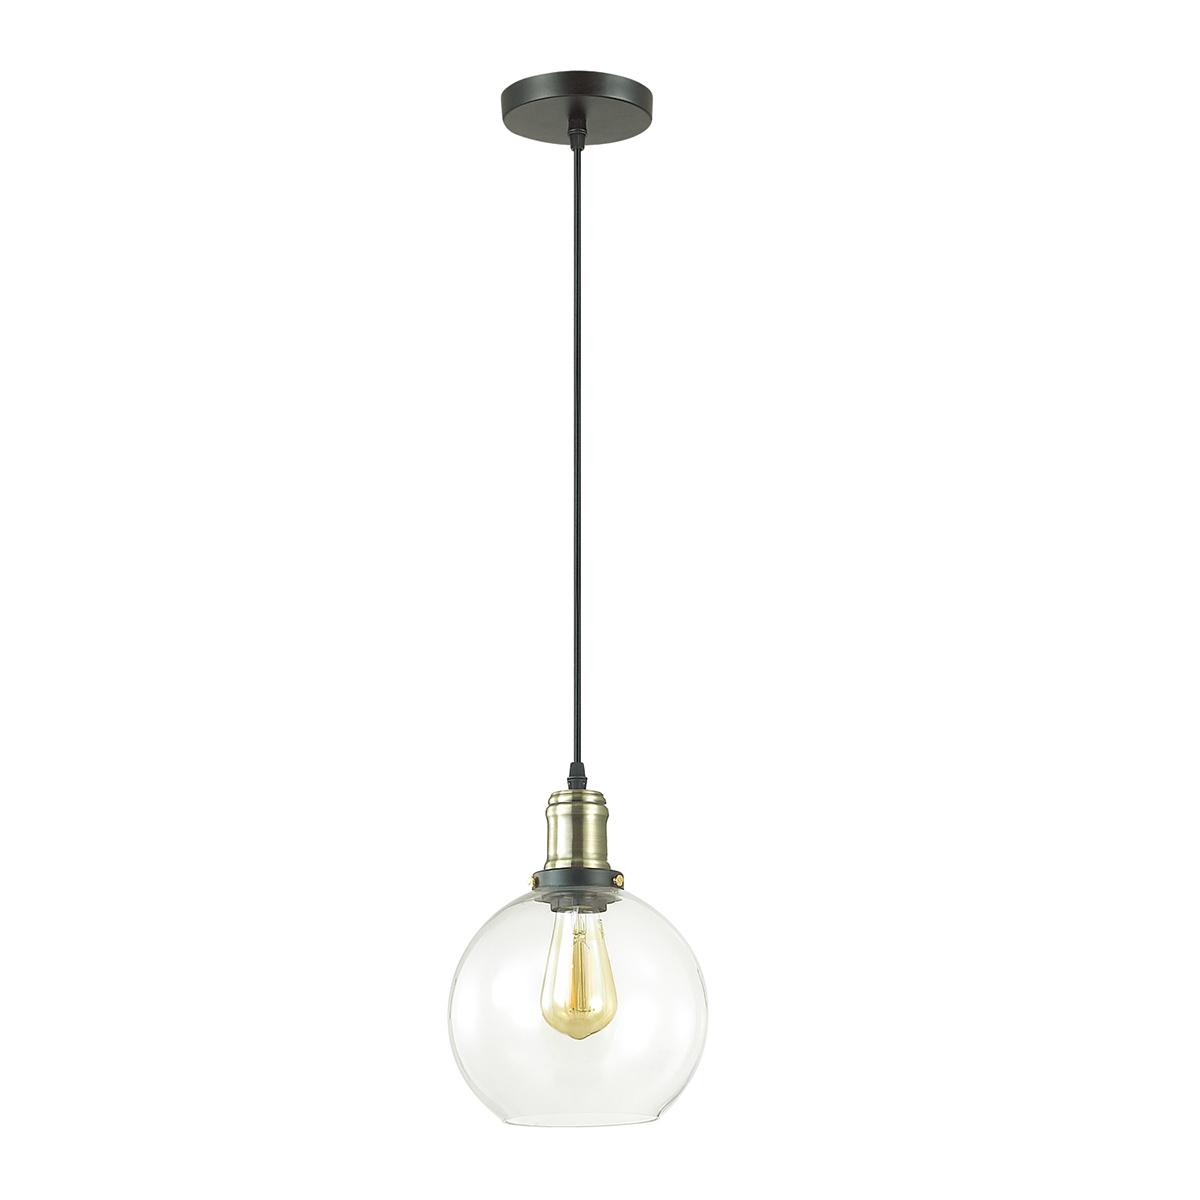 Подвесной светильник Lumion Suspentioni Kit 3684/1, 1xE27x60W, черный, бронза, прозрачный, металл, стекло - фото 2